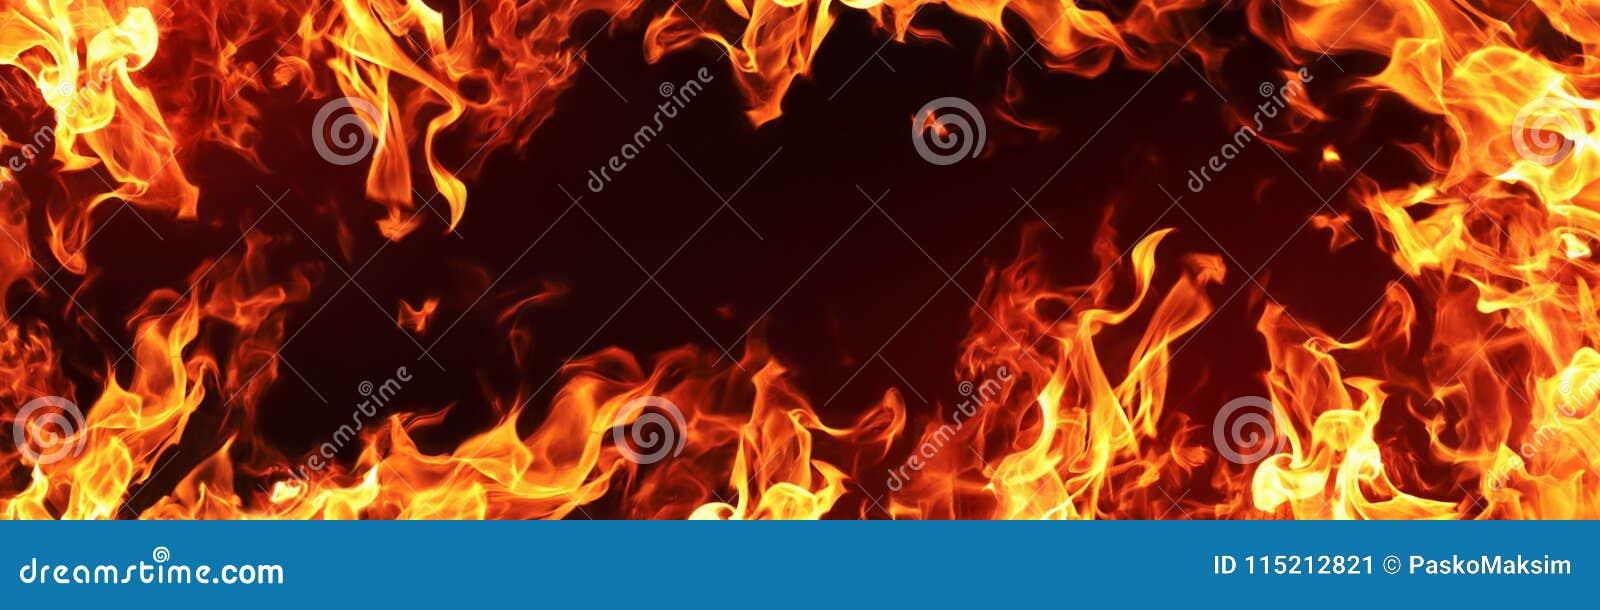 пожар предпосылки пылает высокое разрешение изображения